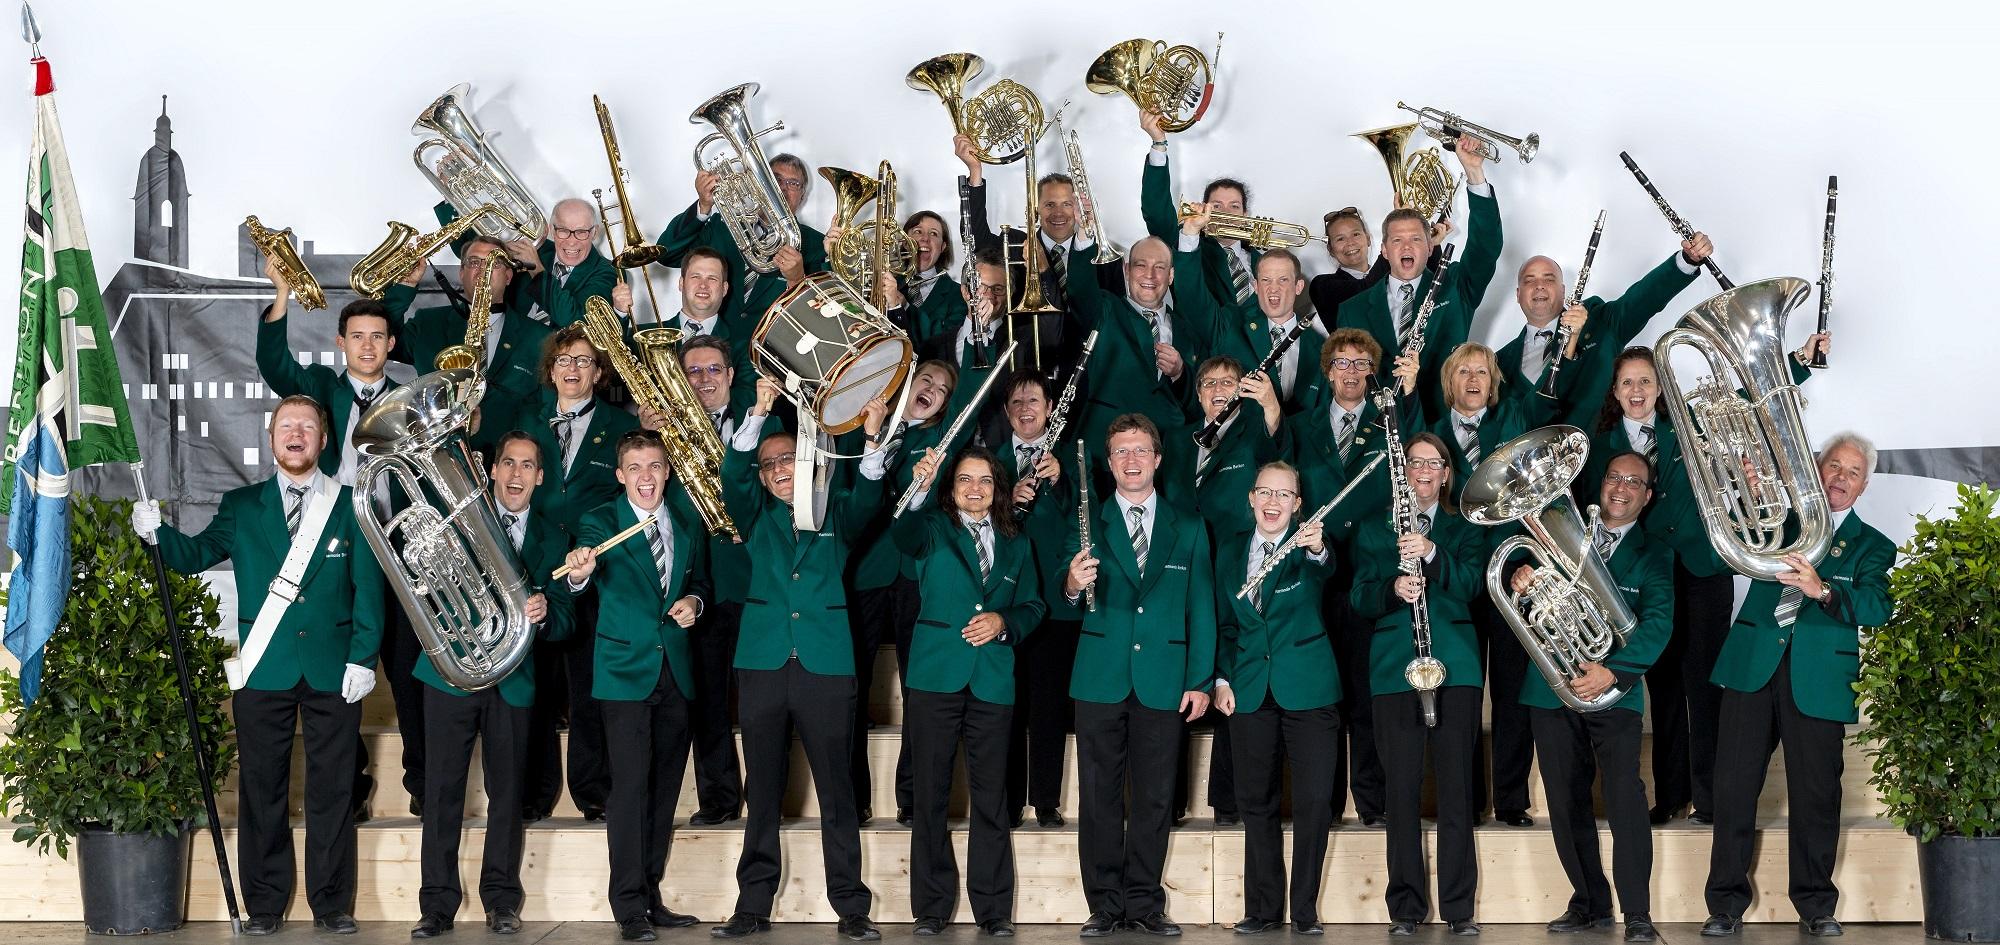 Musikverein Harmonie Berikon